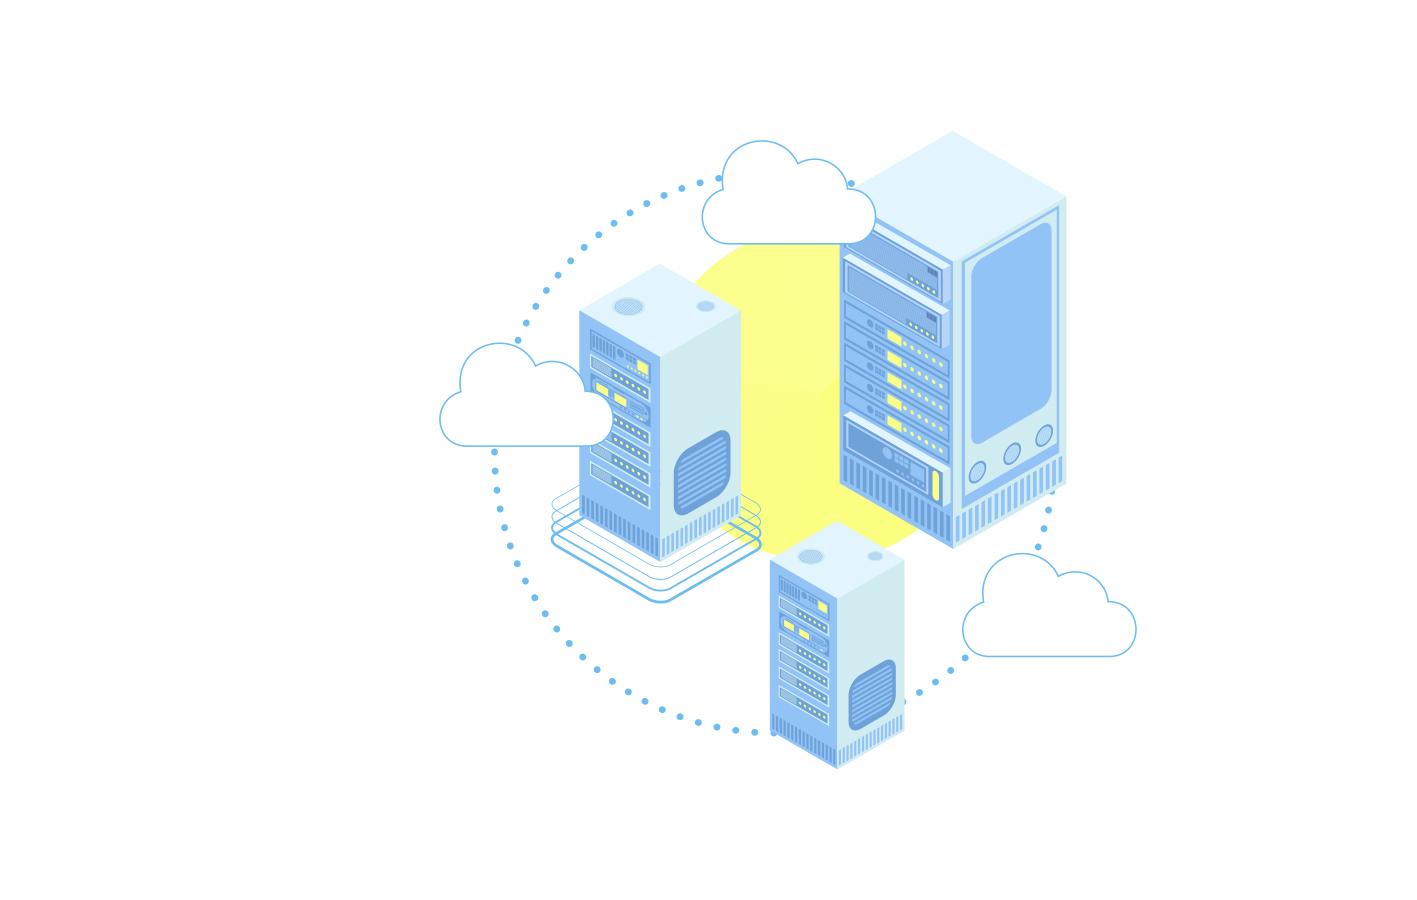 оптимизация серверов